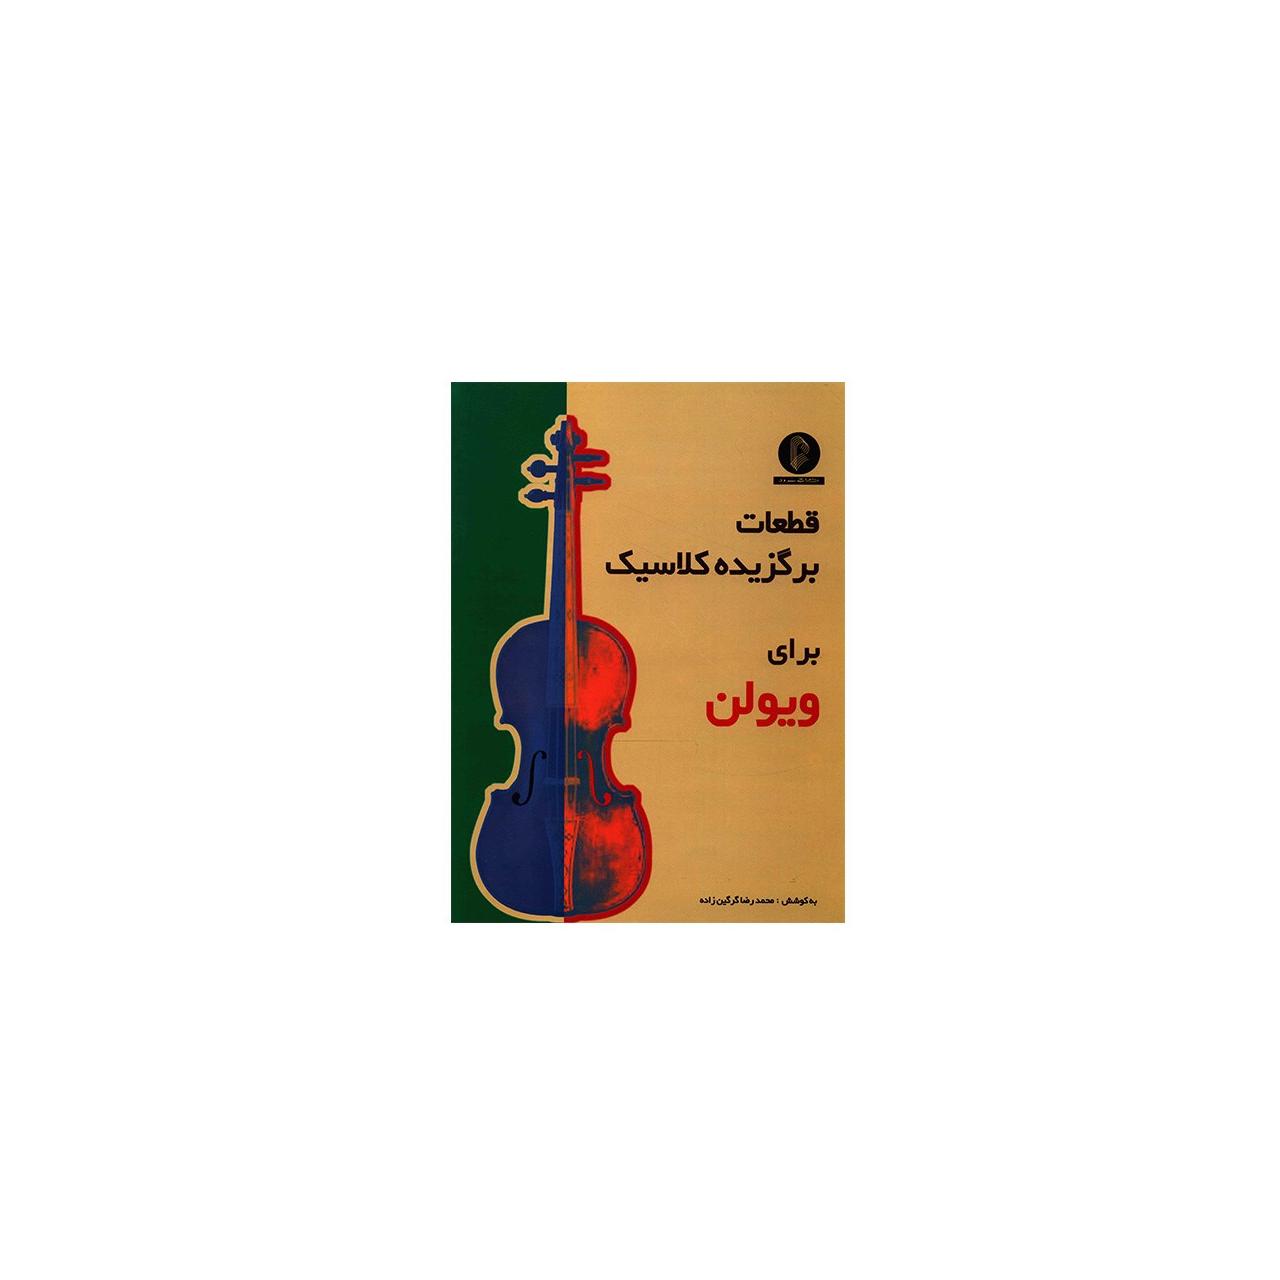 خرید                      کتاب قطعات برگزیده کلاسیک برای ویولن اثر محمدرضا گرگین زاده